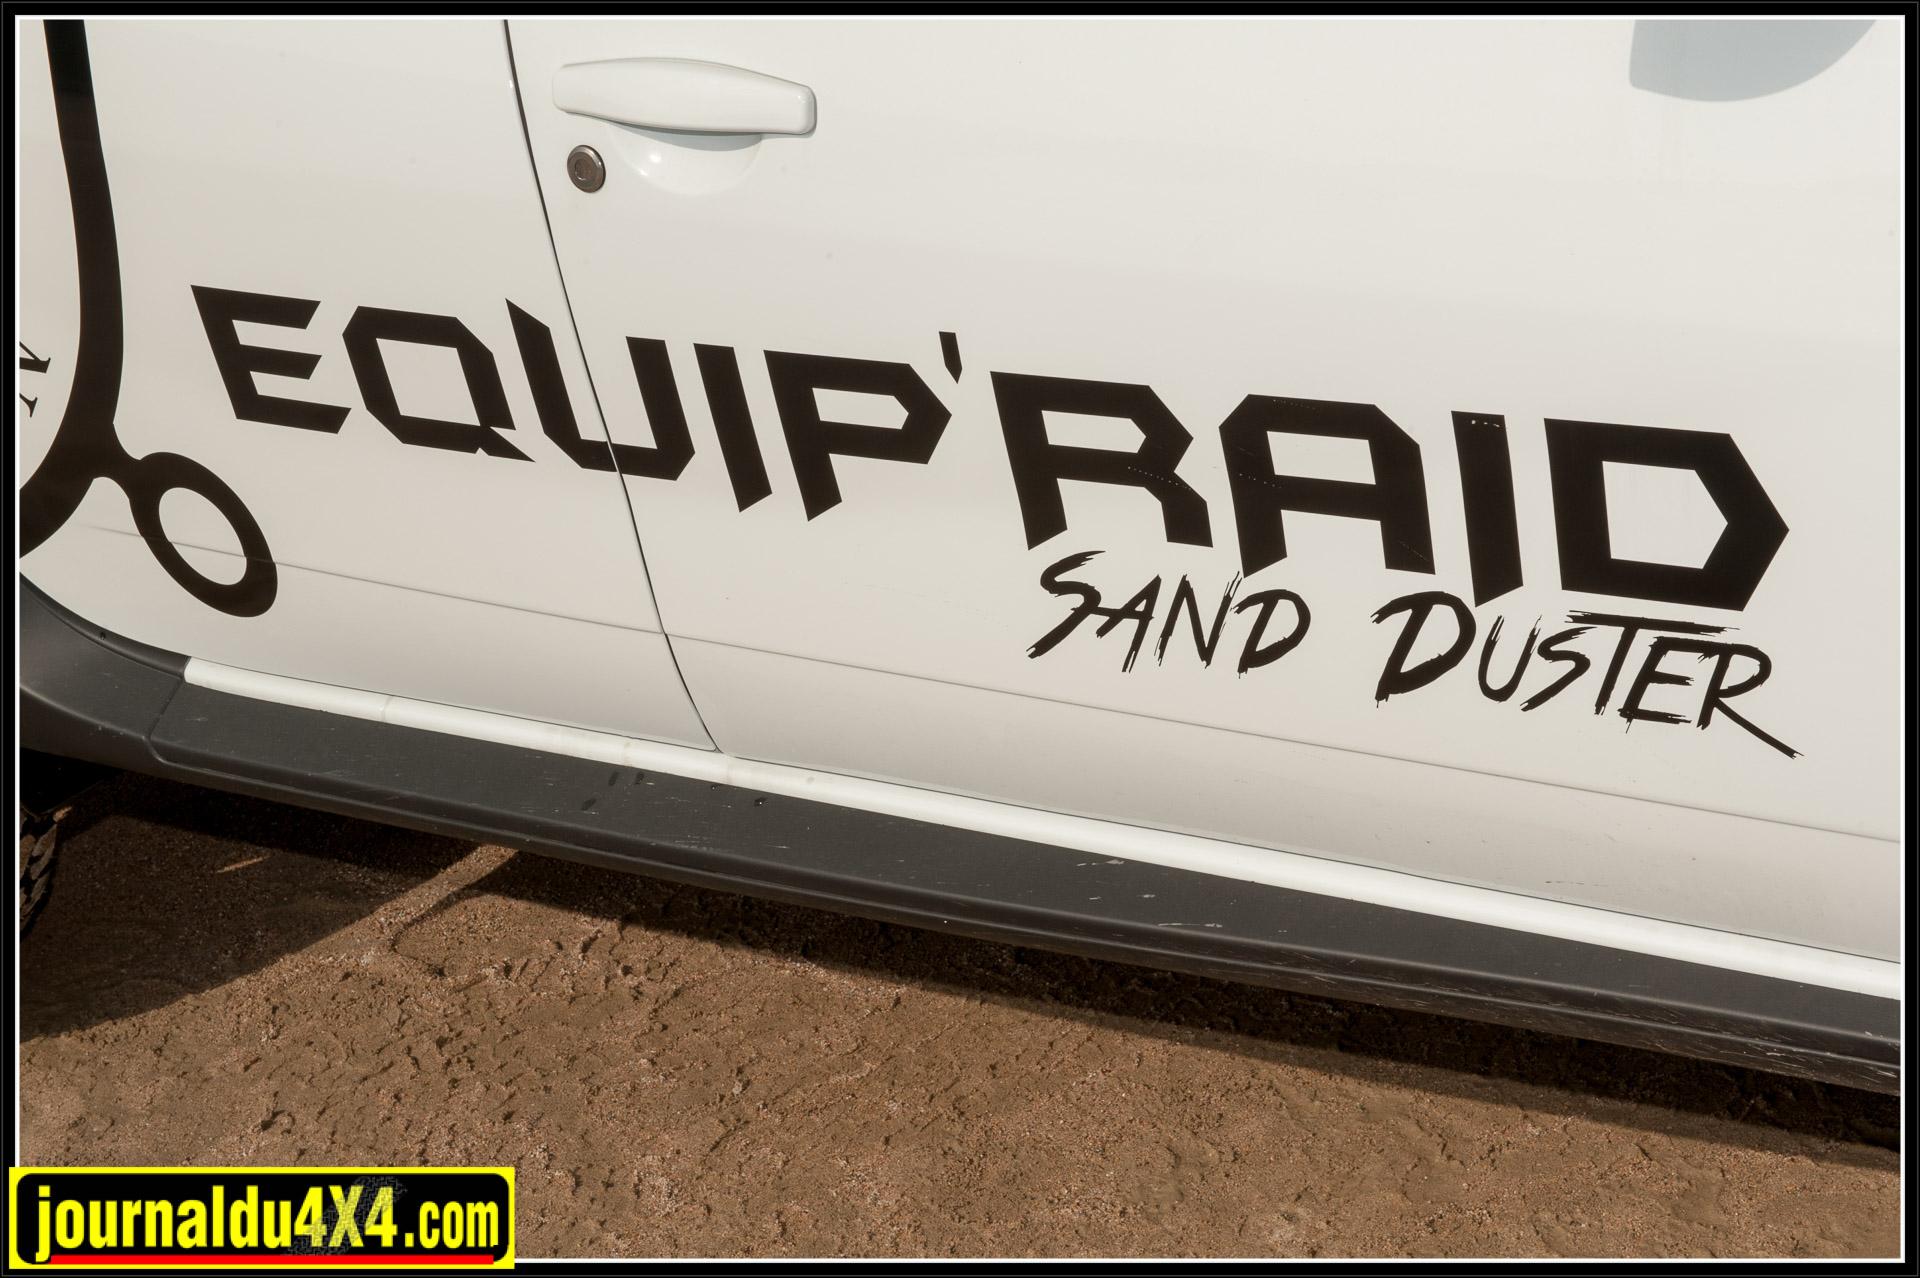 Son nom est tout trouvé : Sand Duster